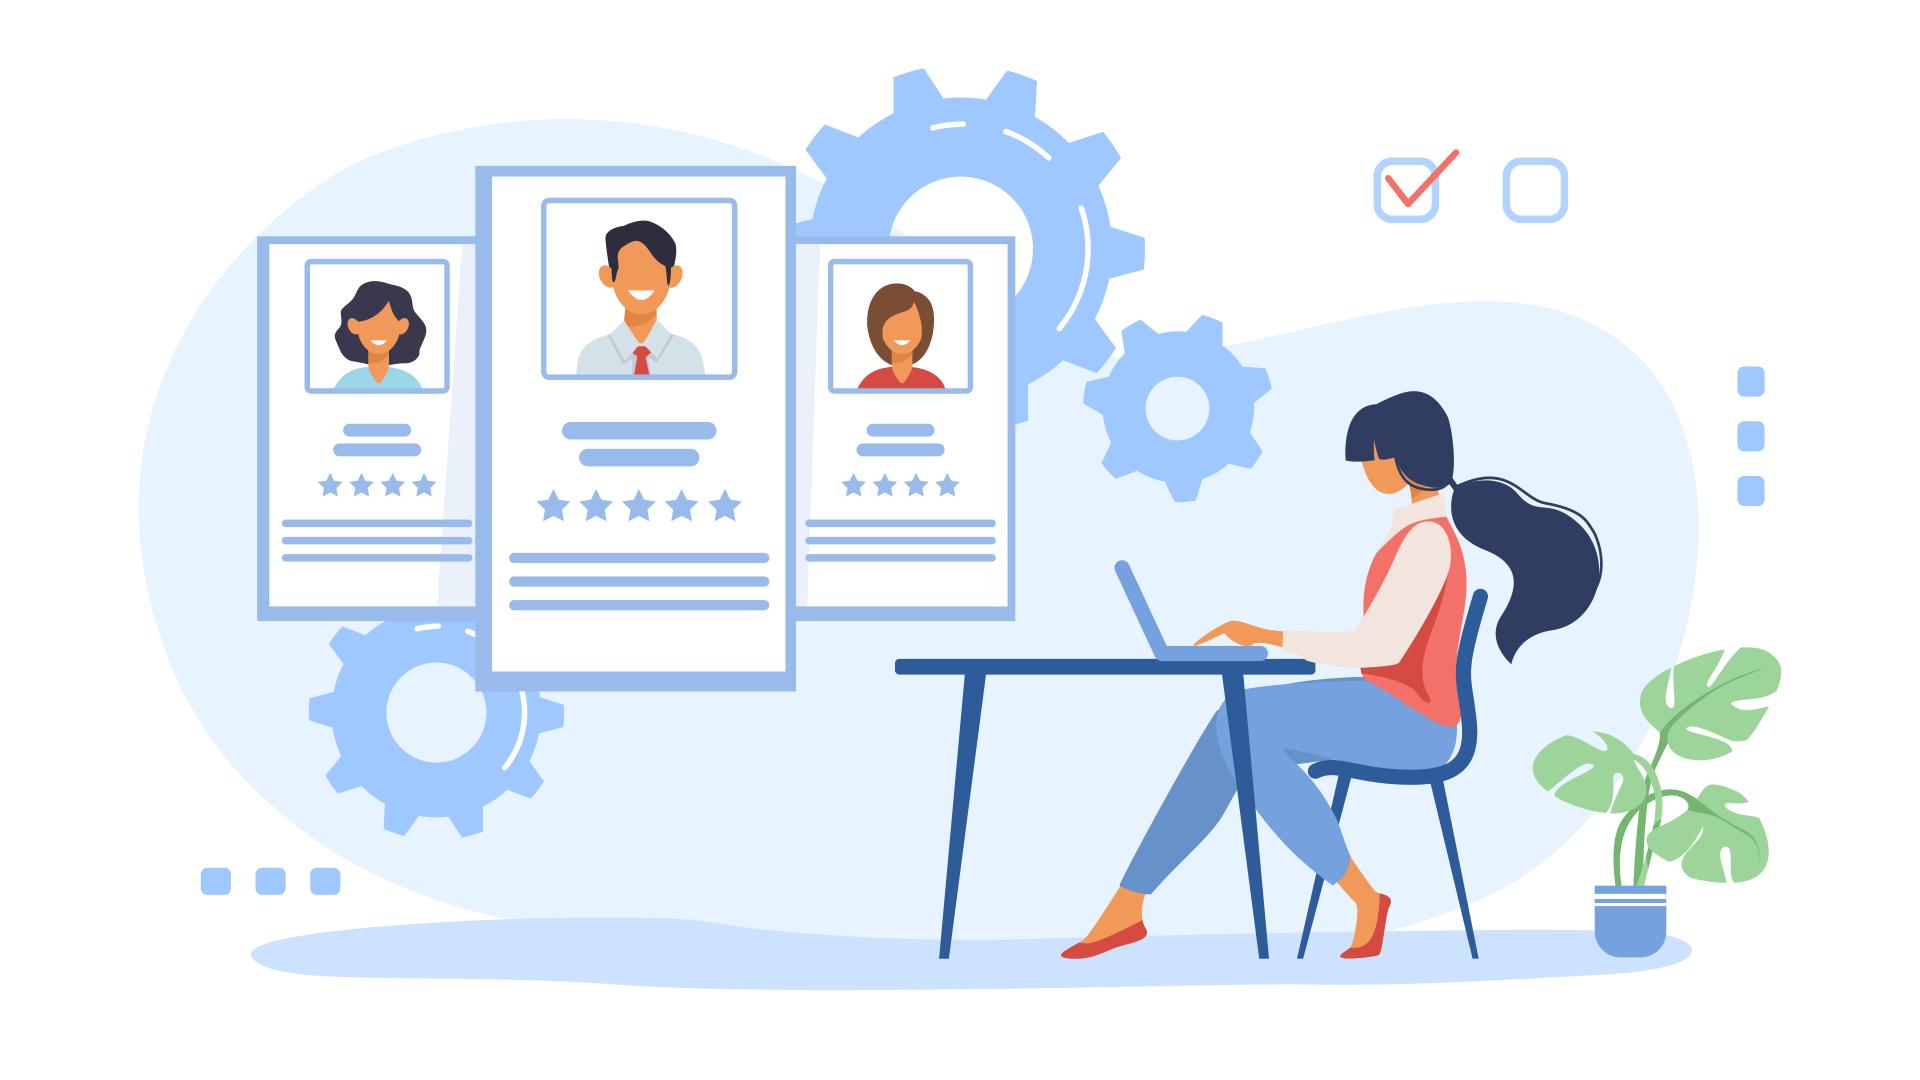 phần mềm quản lý tốt nhất cho doanh nghiệp